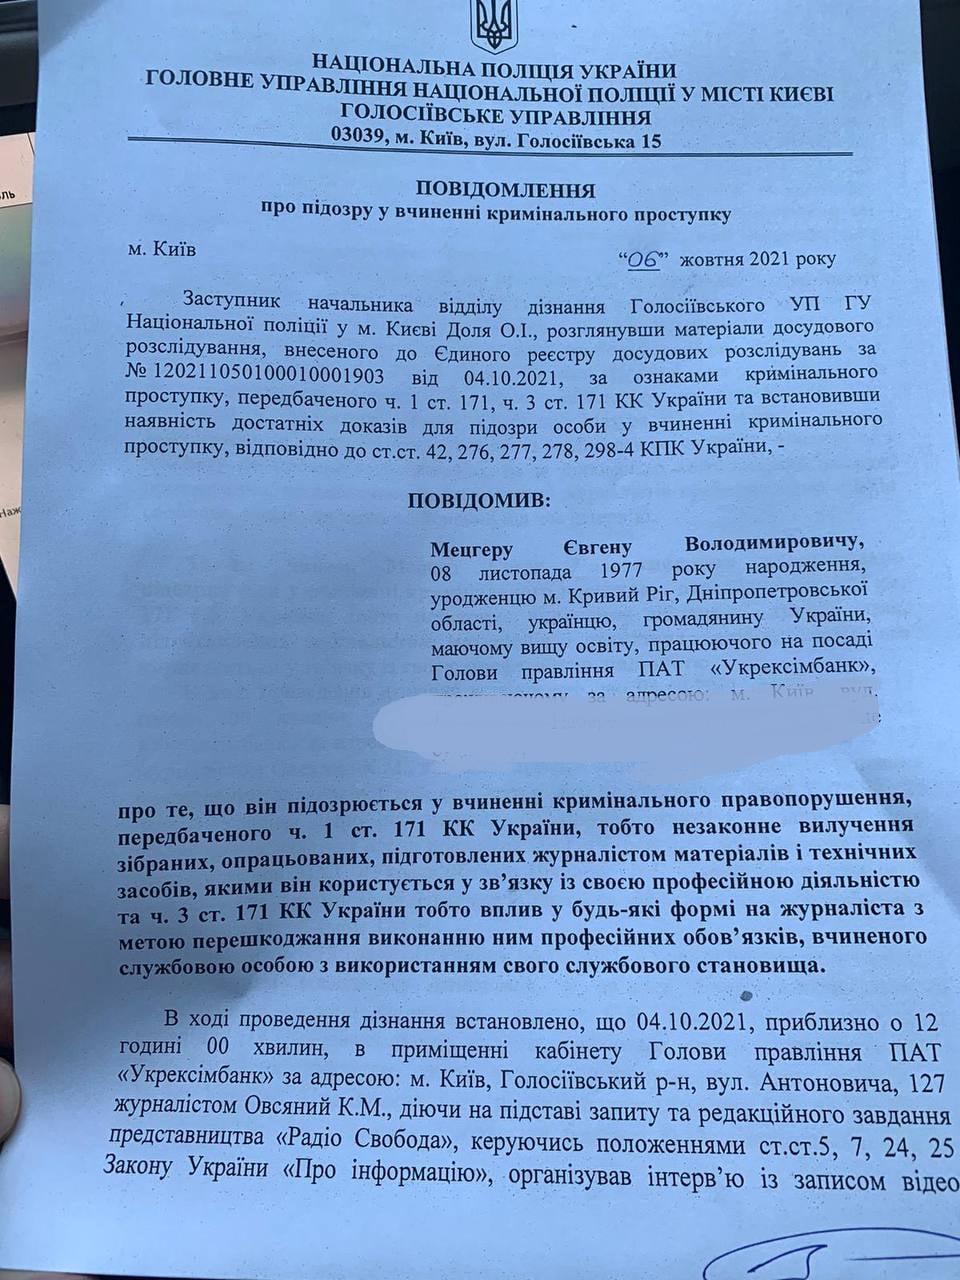 Я готов сотрудничать со следствием: Евгений Мецгер получил подозрение - фото 2